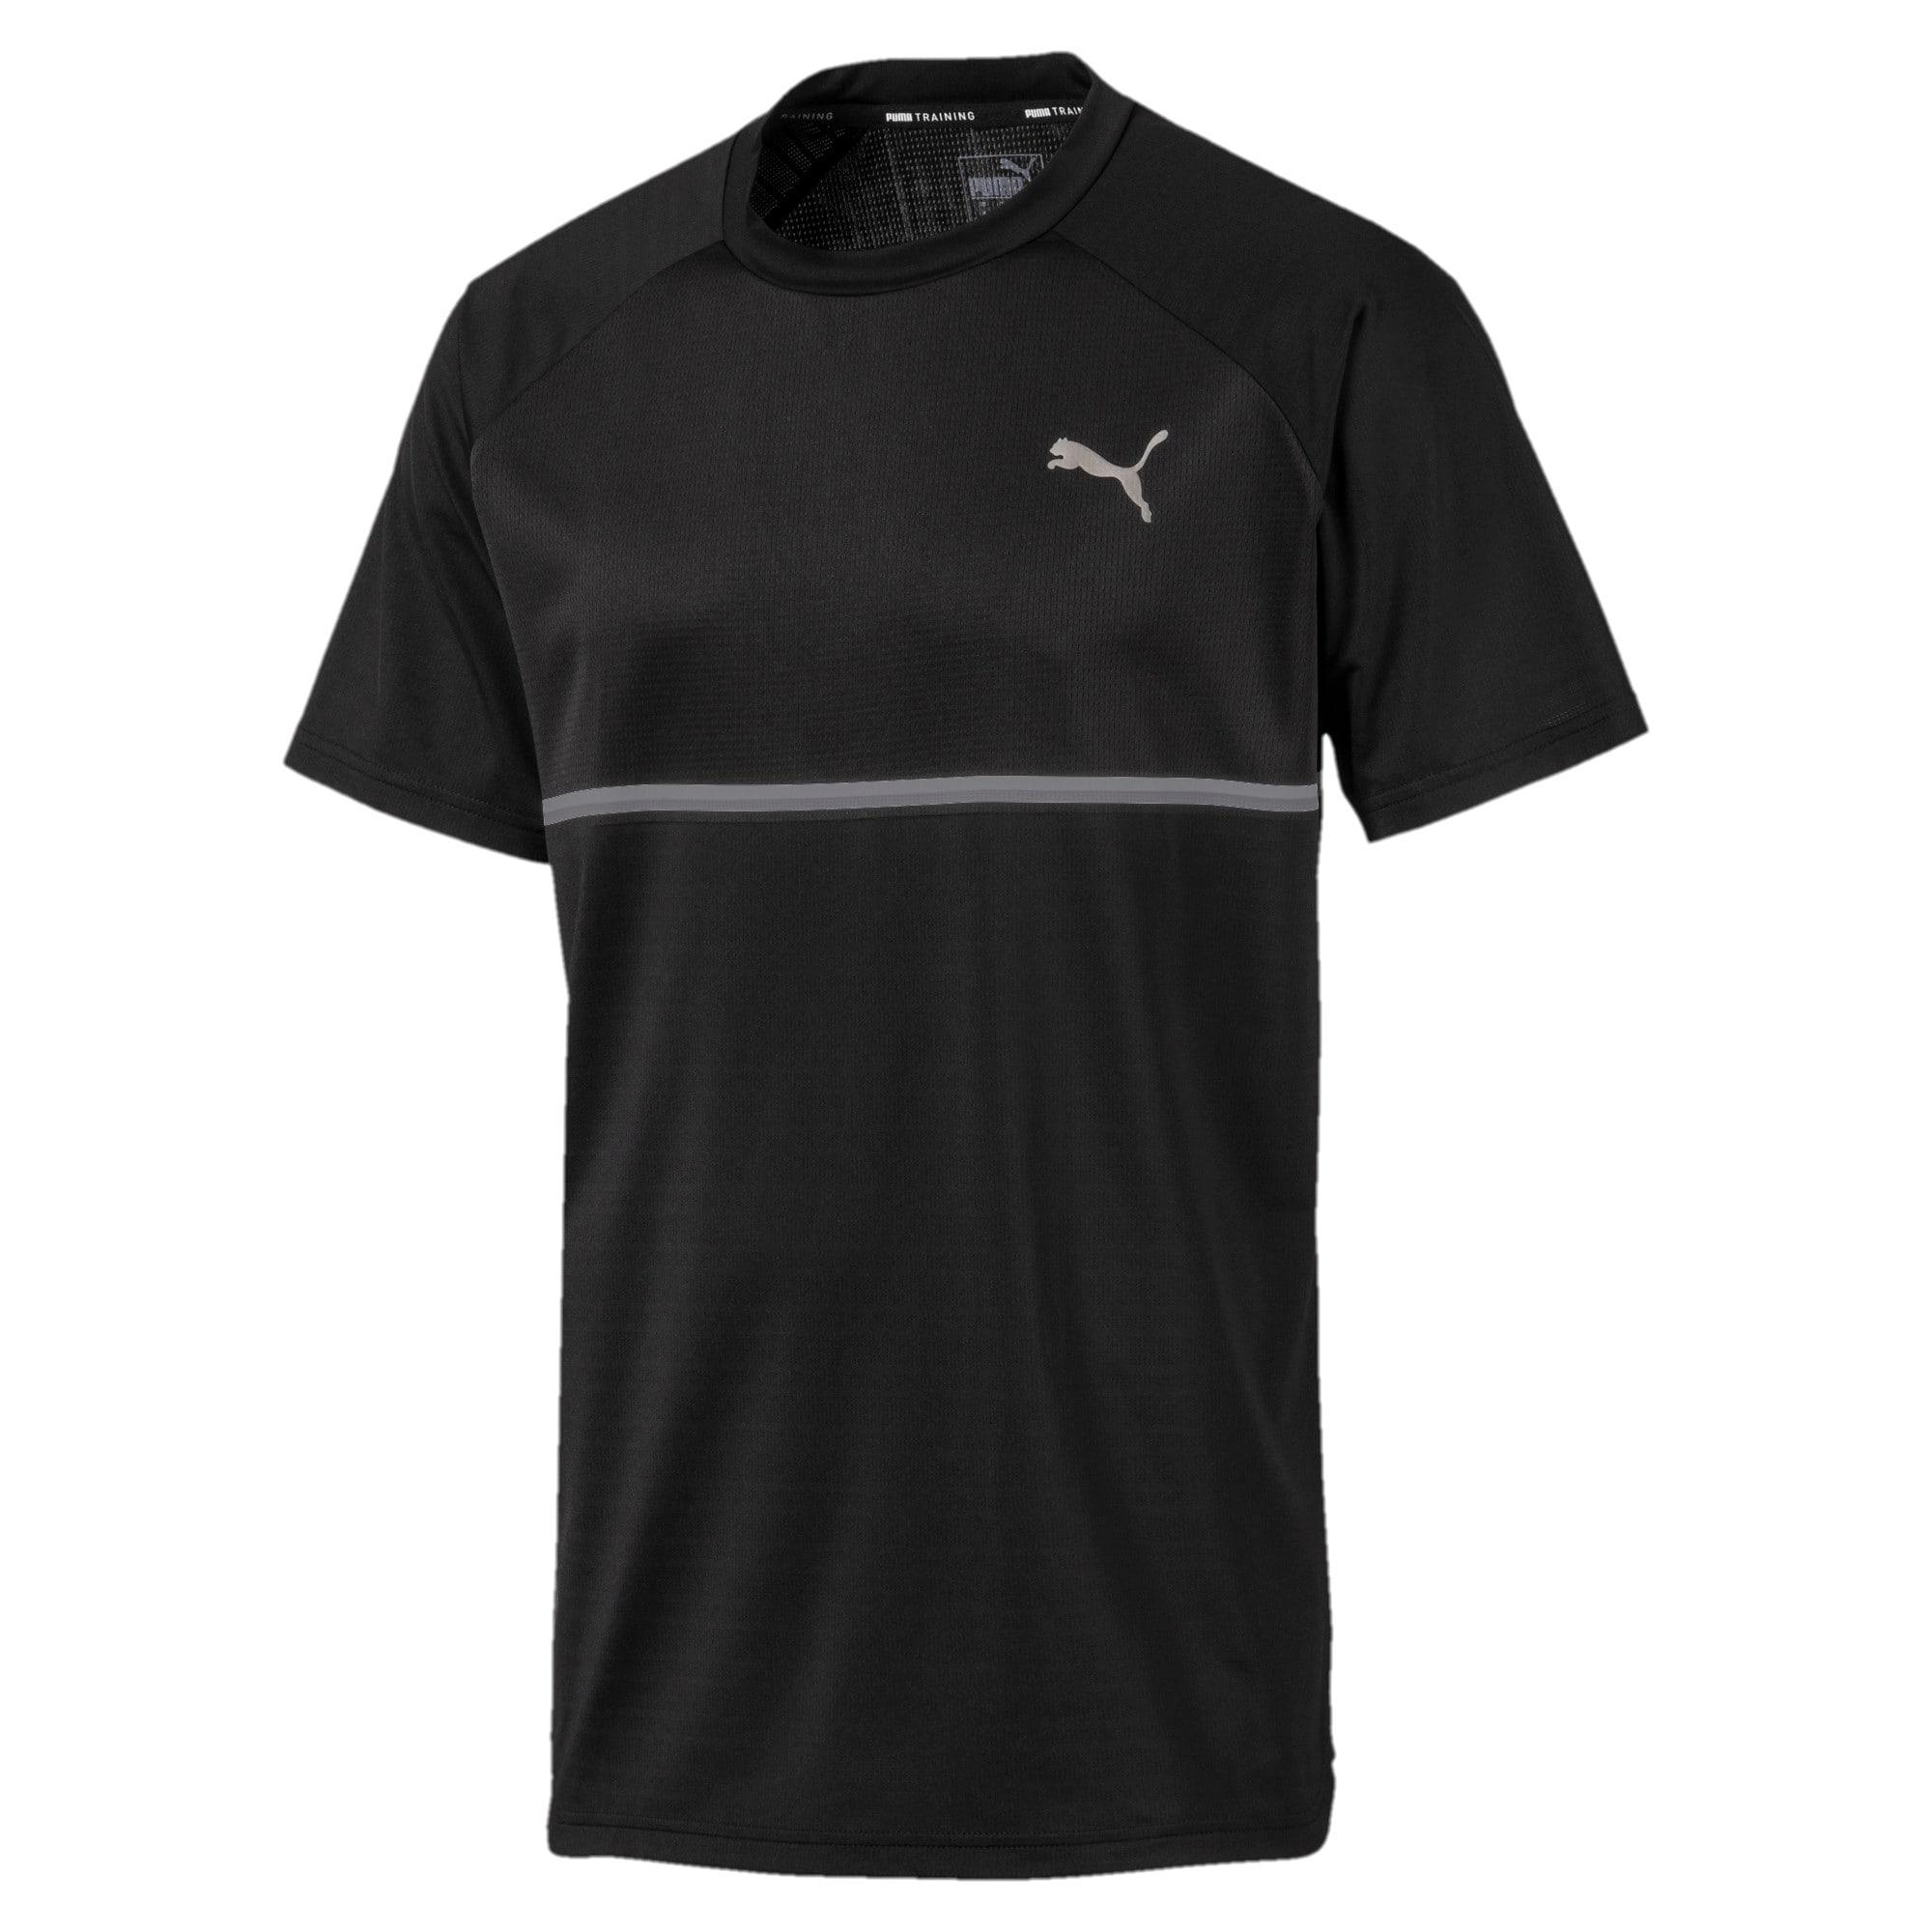 Miniatura 4 de Camiseta Power BND para hombre, Puma Black, mediano